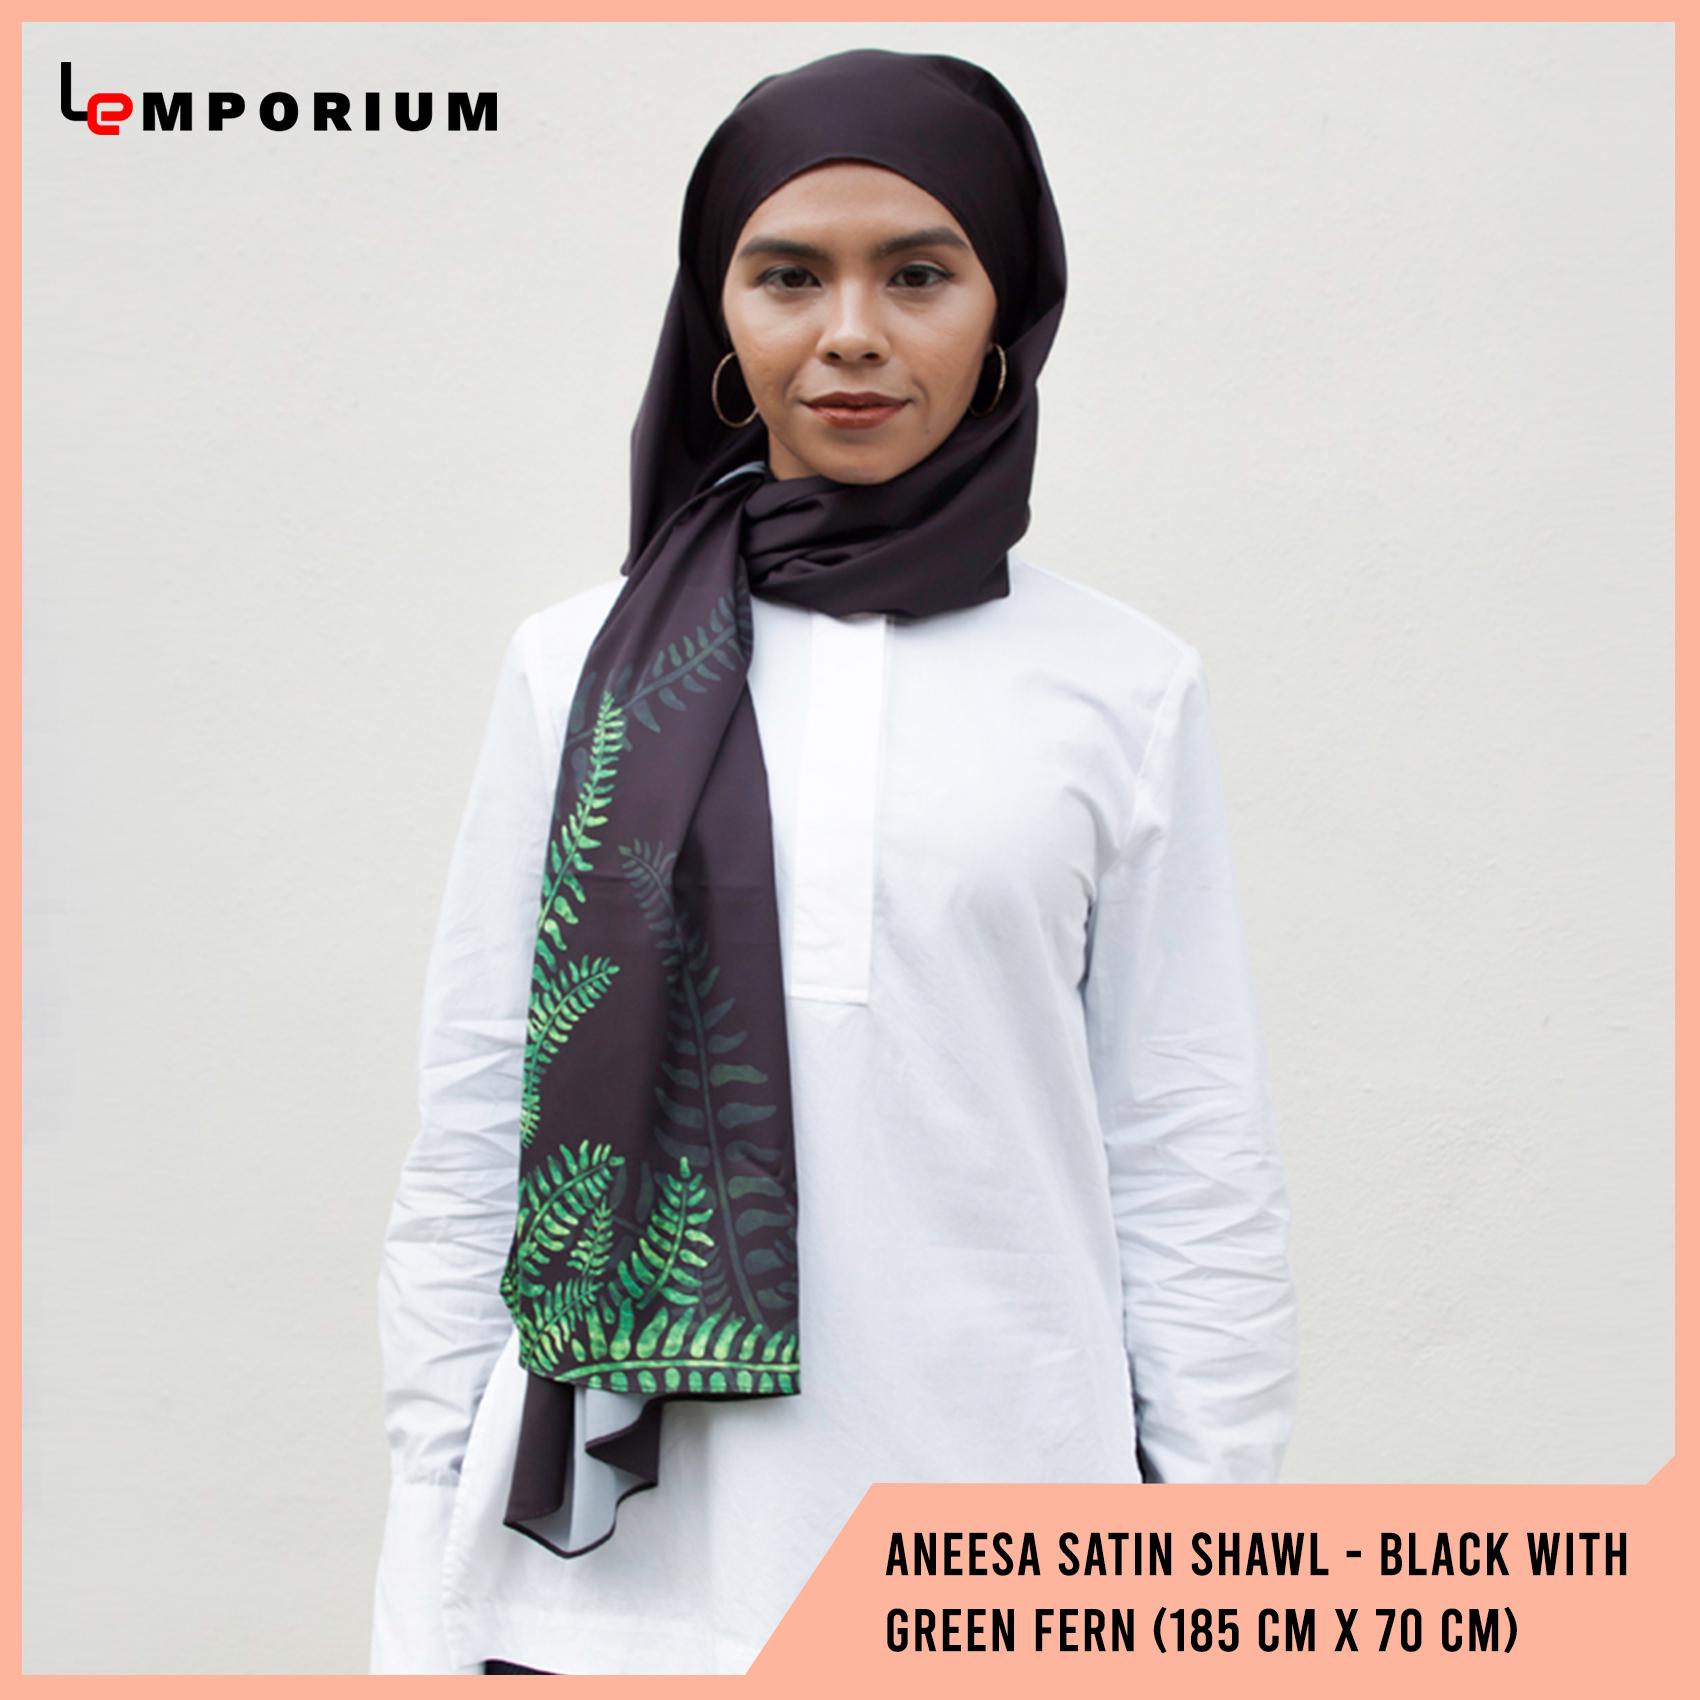 ANEESA-Satin-Shawl---Black-With-Green-Fern-(185-cm-x-70-cm).jpg